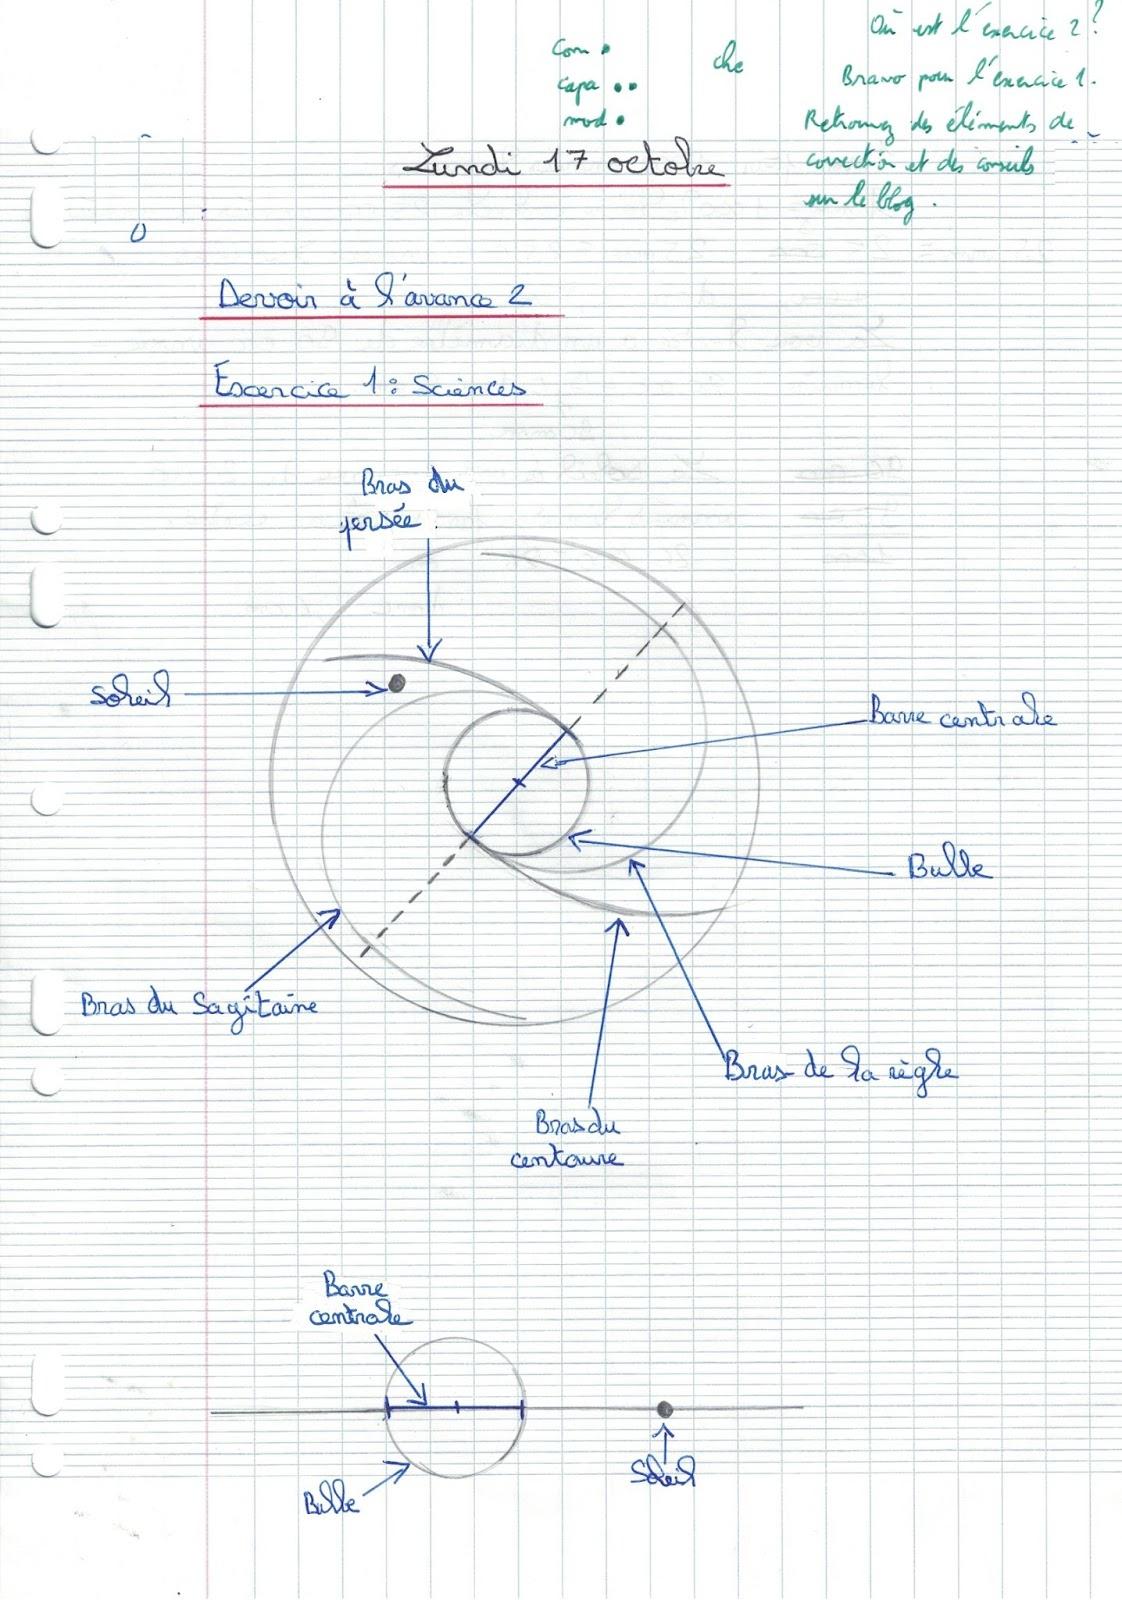 Morisson&philippe: 6È Éléments Réponses Du Da2 concernant Exercice Chiffre Romain